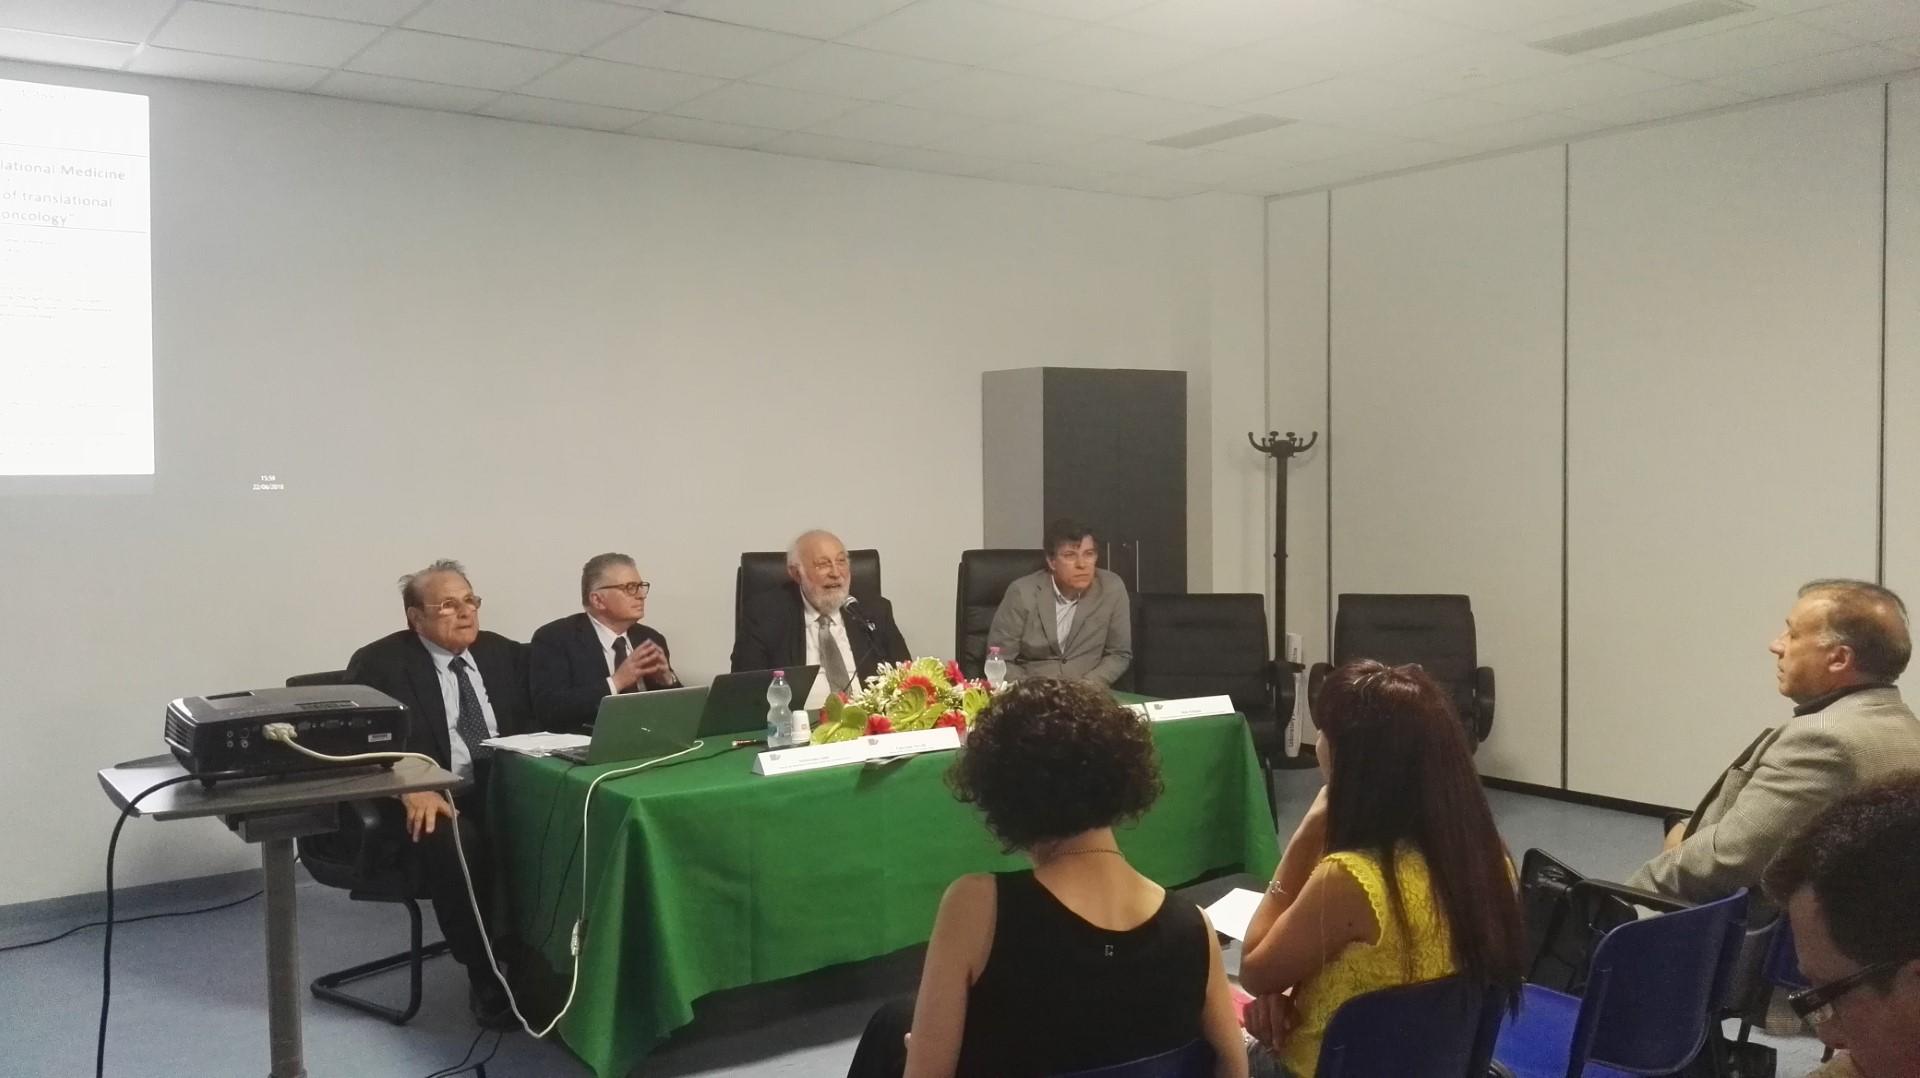 Farmacia all'Unical, laboratorio all'avanguardiarealizzato con un finanziamento di 2 milioni di euro